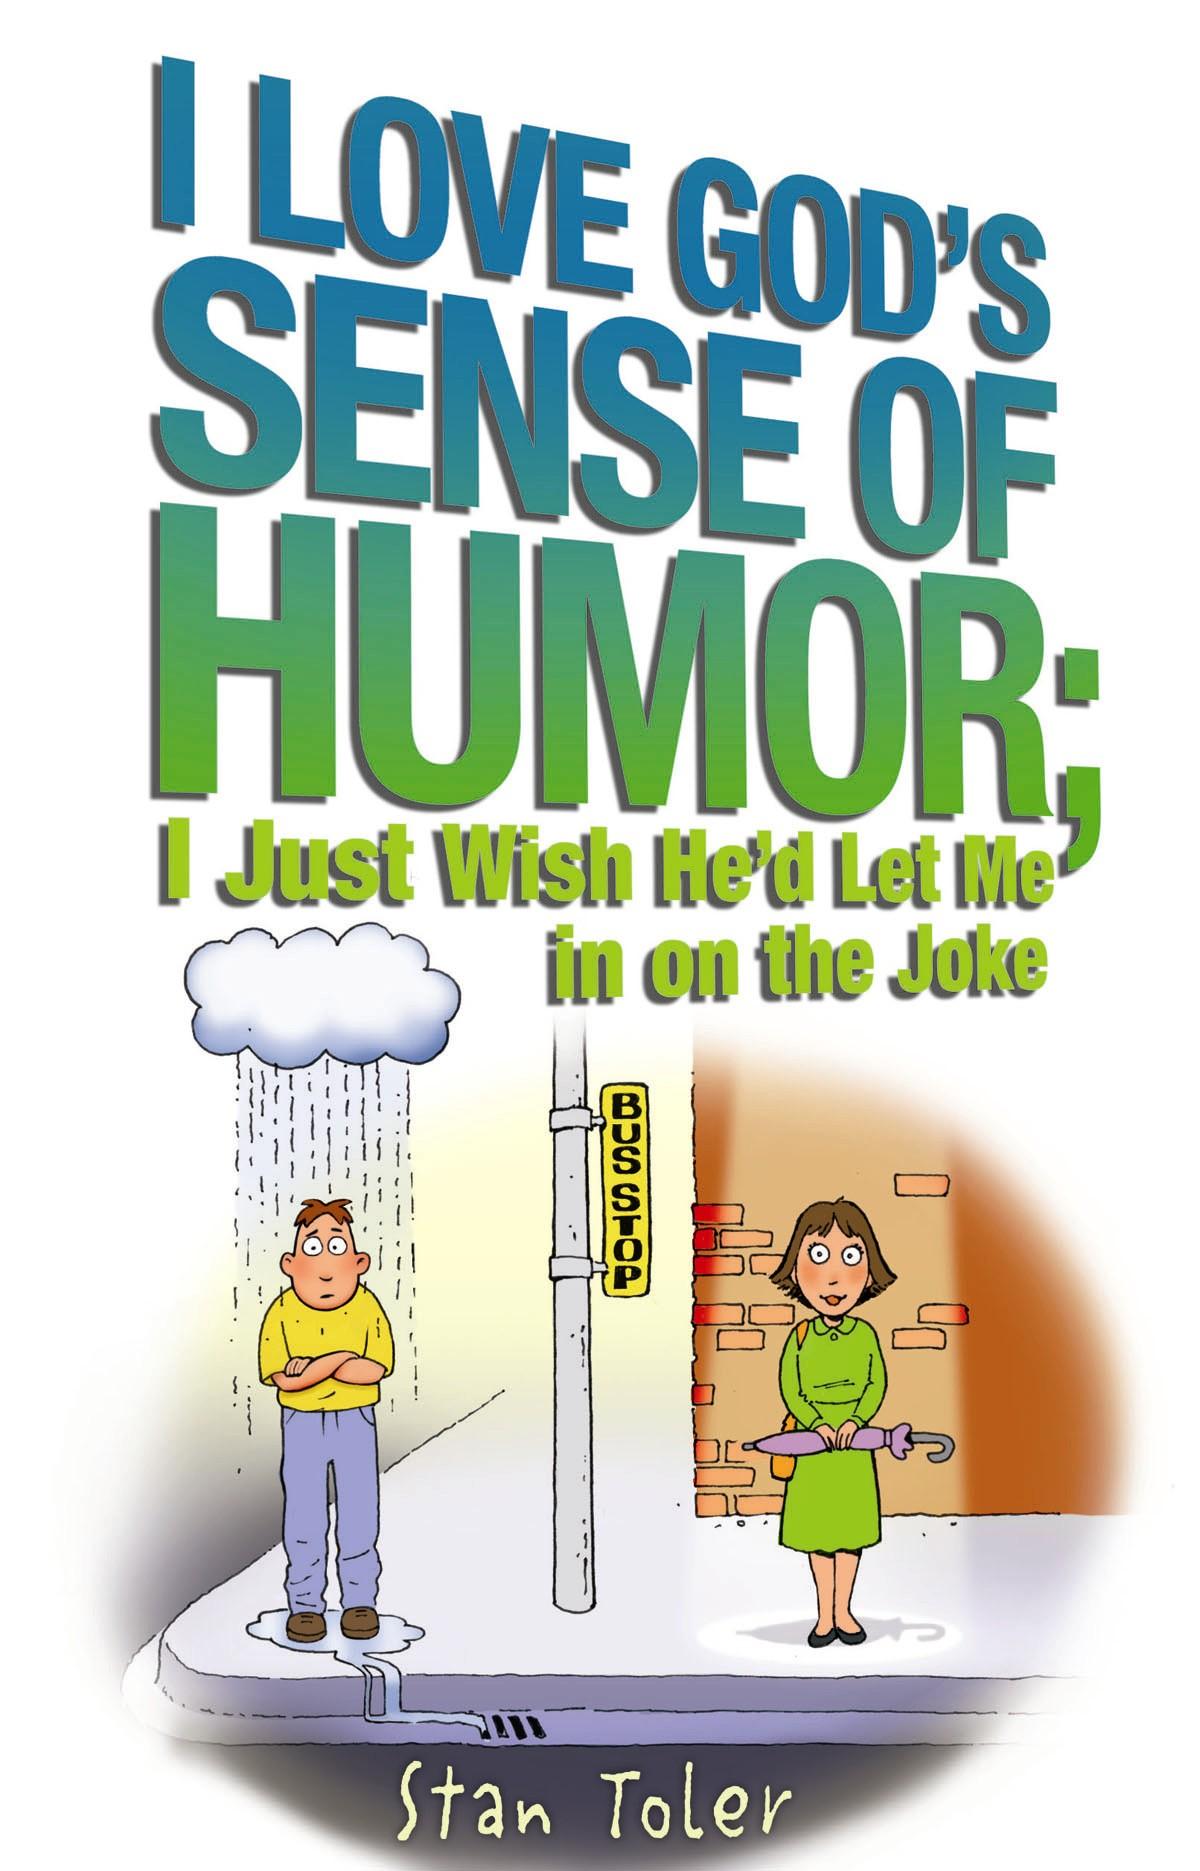 humor ha clinton 0d